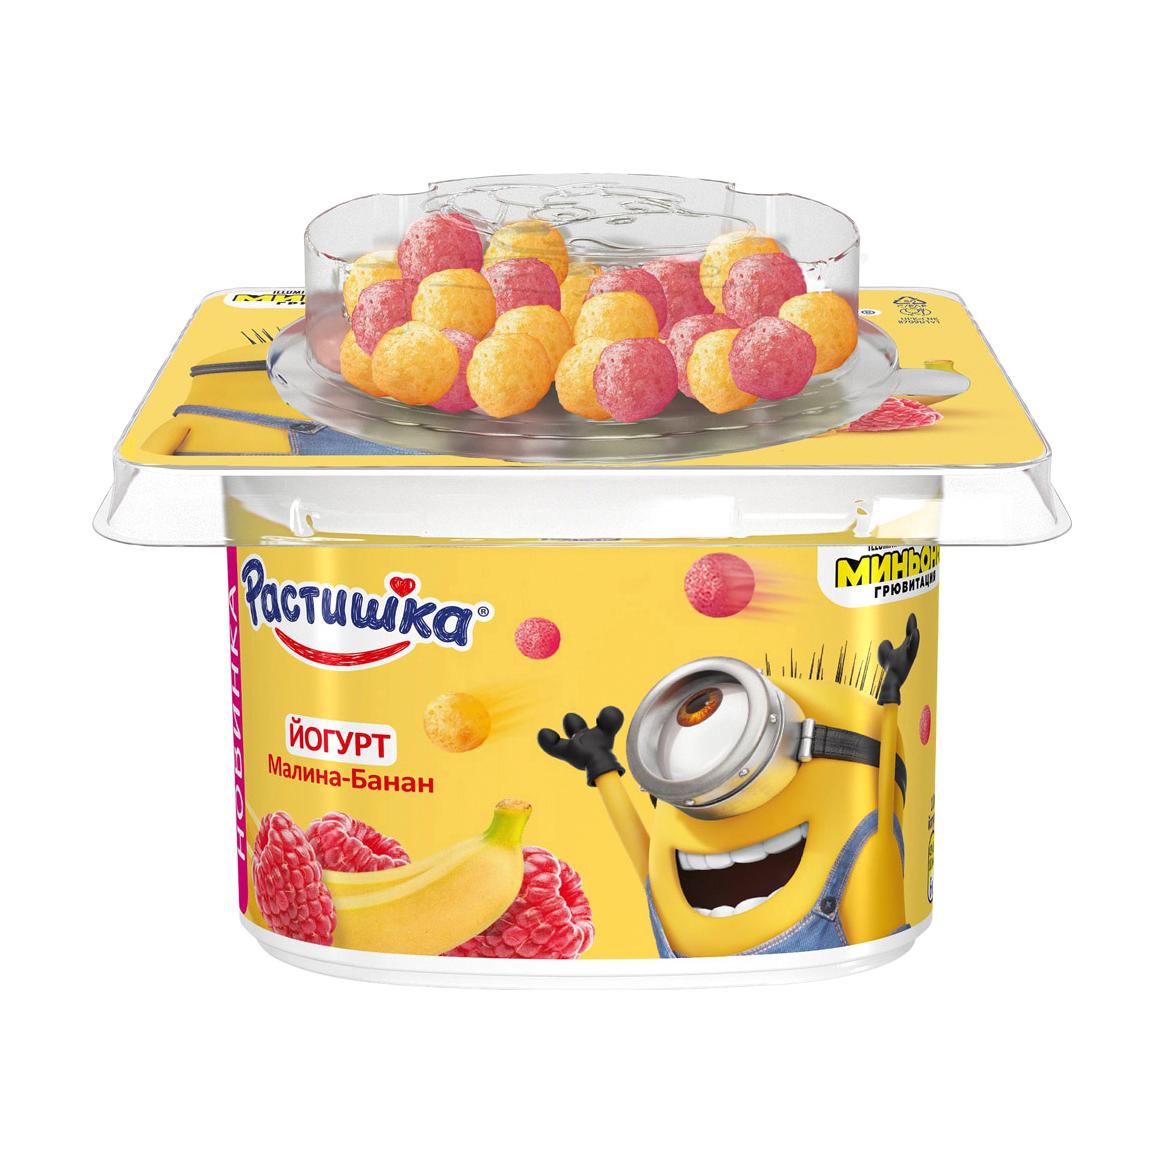 Йогурт Растишка Малина, банан с рисовыми шариками 3% 114 г недорого